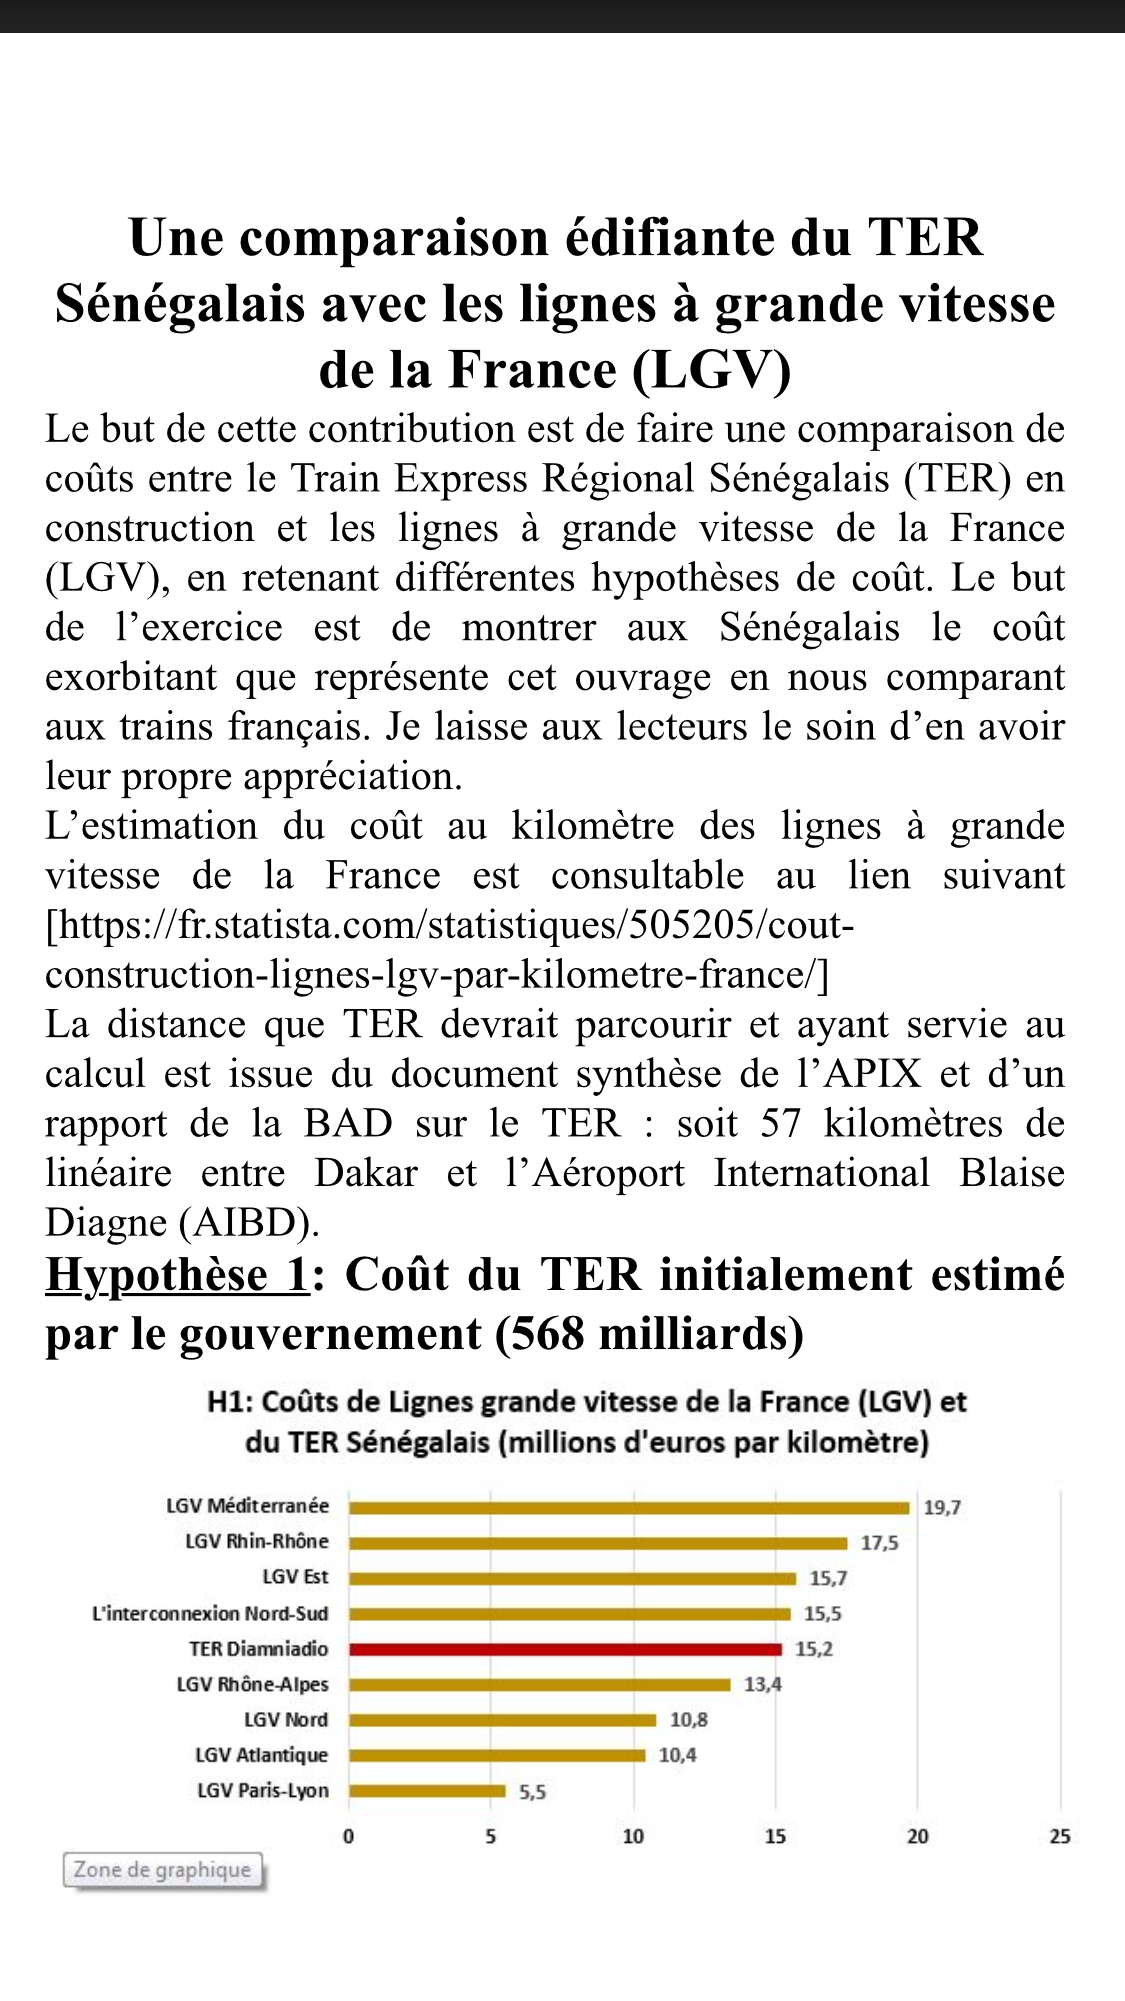 Une comparaison édifiante du TER Sénégalais avec les lignes à grande vitesse de la France (LGV)